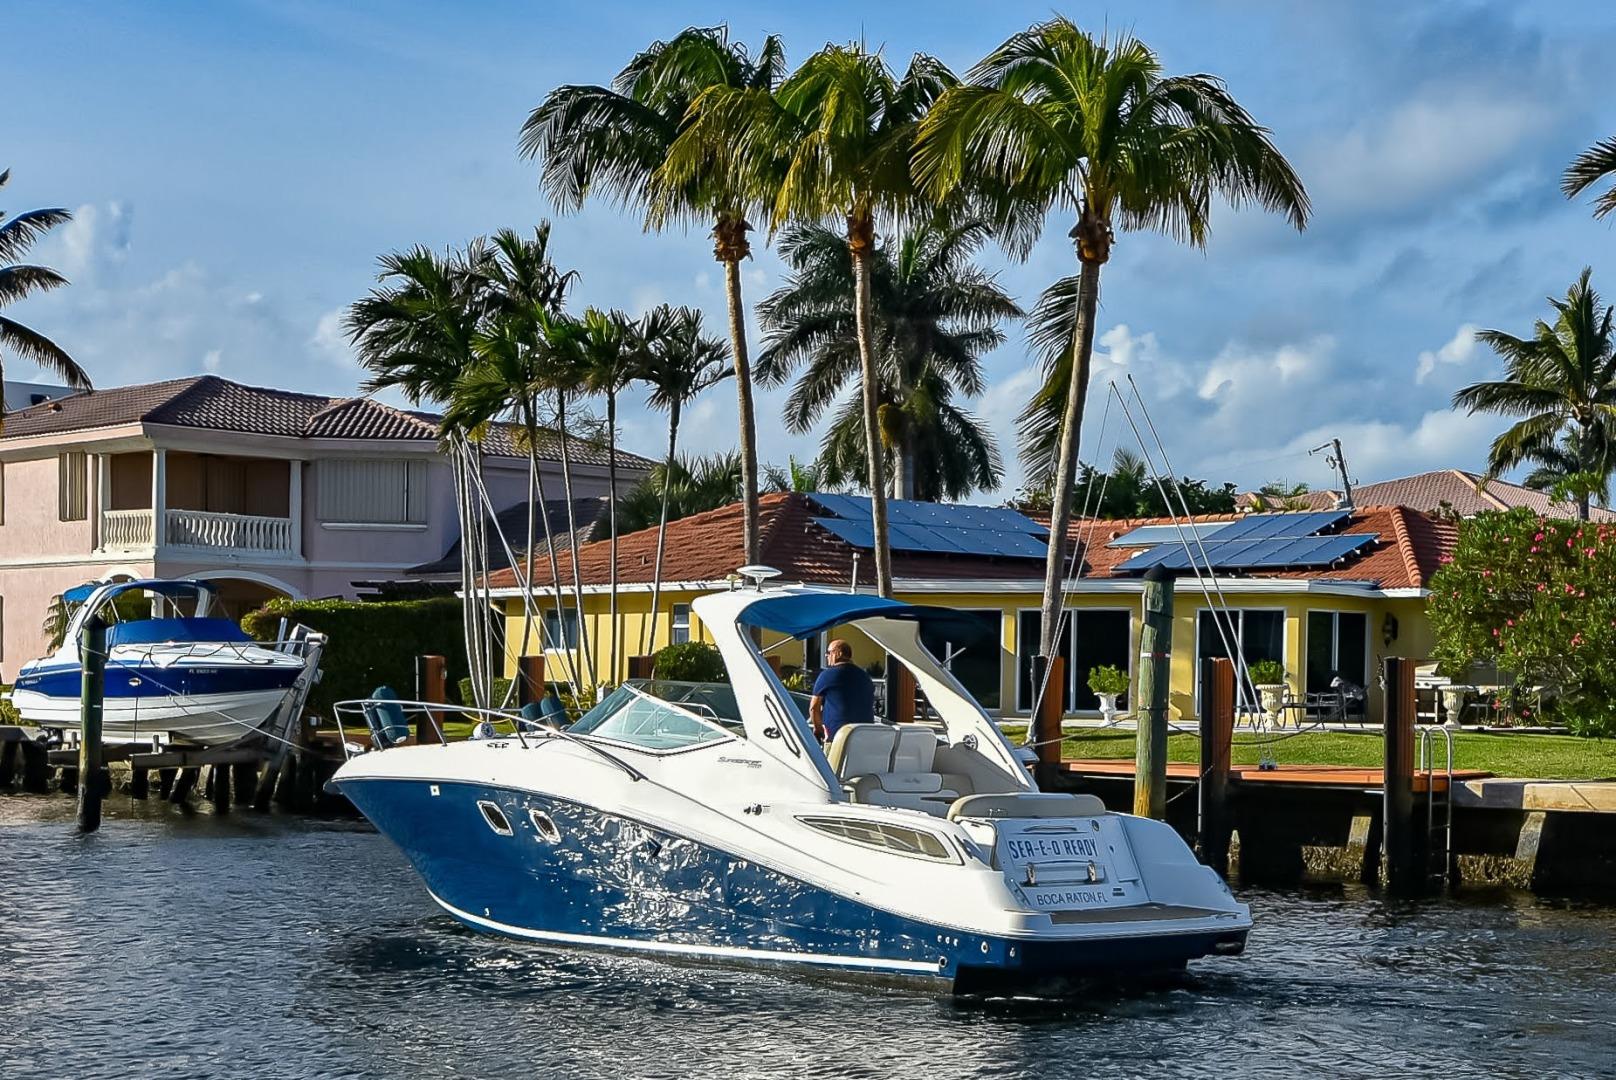 Sea Ray-330 Sundancer 2013-Sea E O Ready Boca Raton-Florida-United States-33 Sea Ray 330 Sundancer-1633154 | Thumbnail